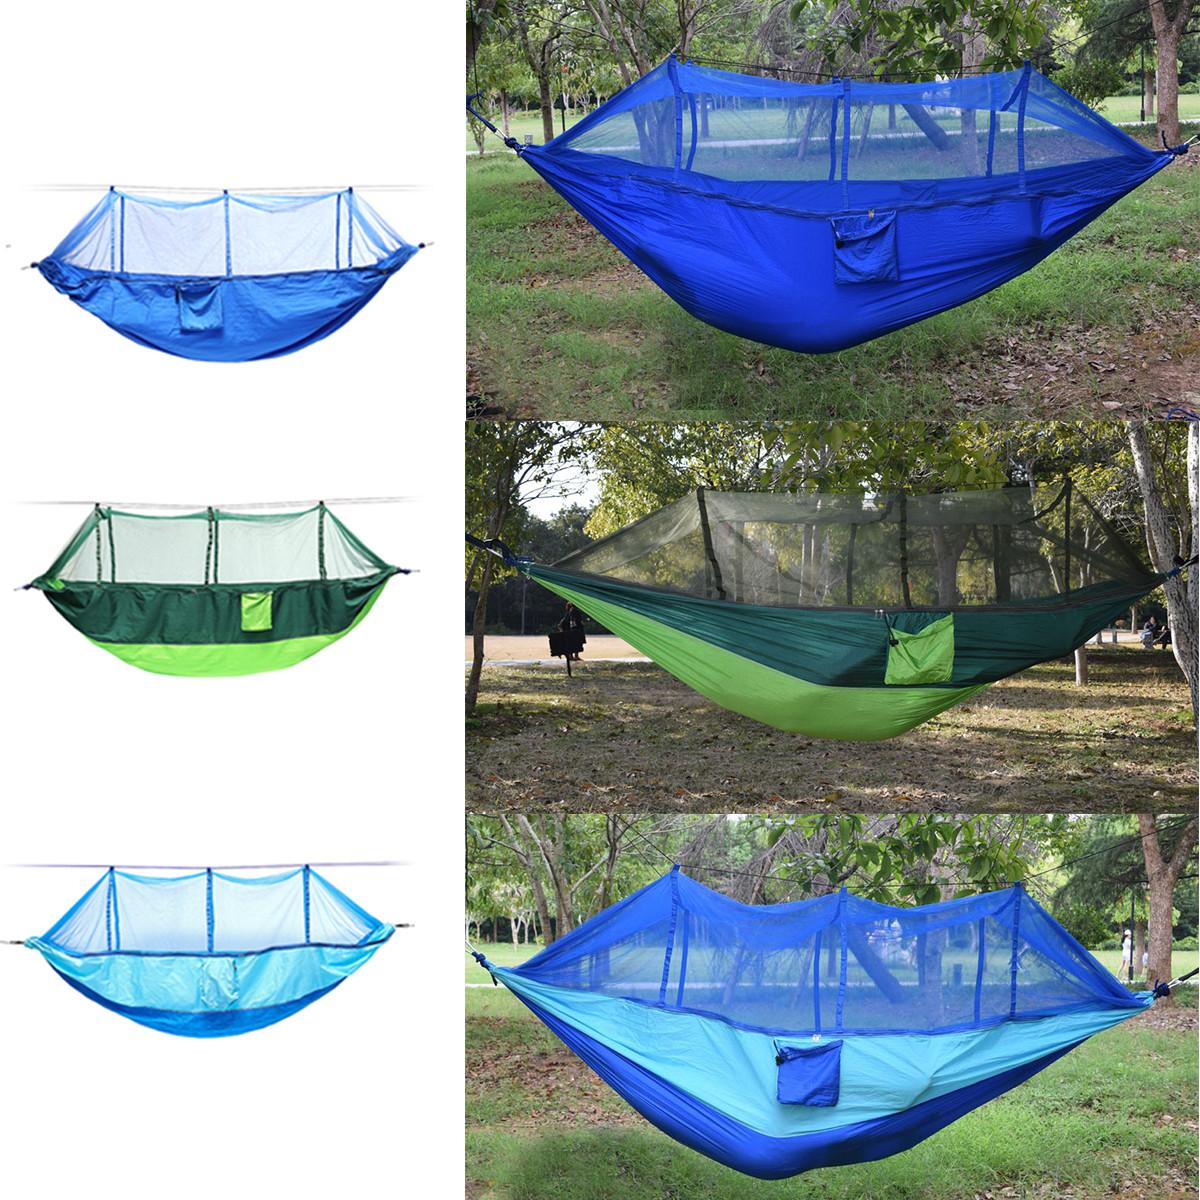 На открытом воздухе Портативный 2 человека двойной гамак Кемпинг Палатка висит качели кровать с москитной сеткой - 1TopShop